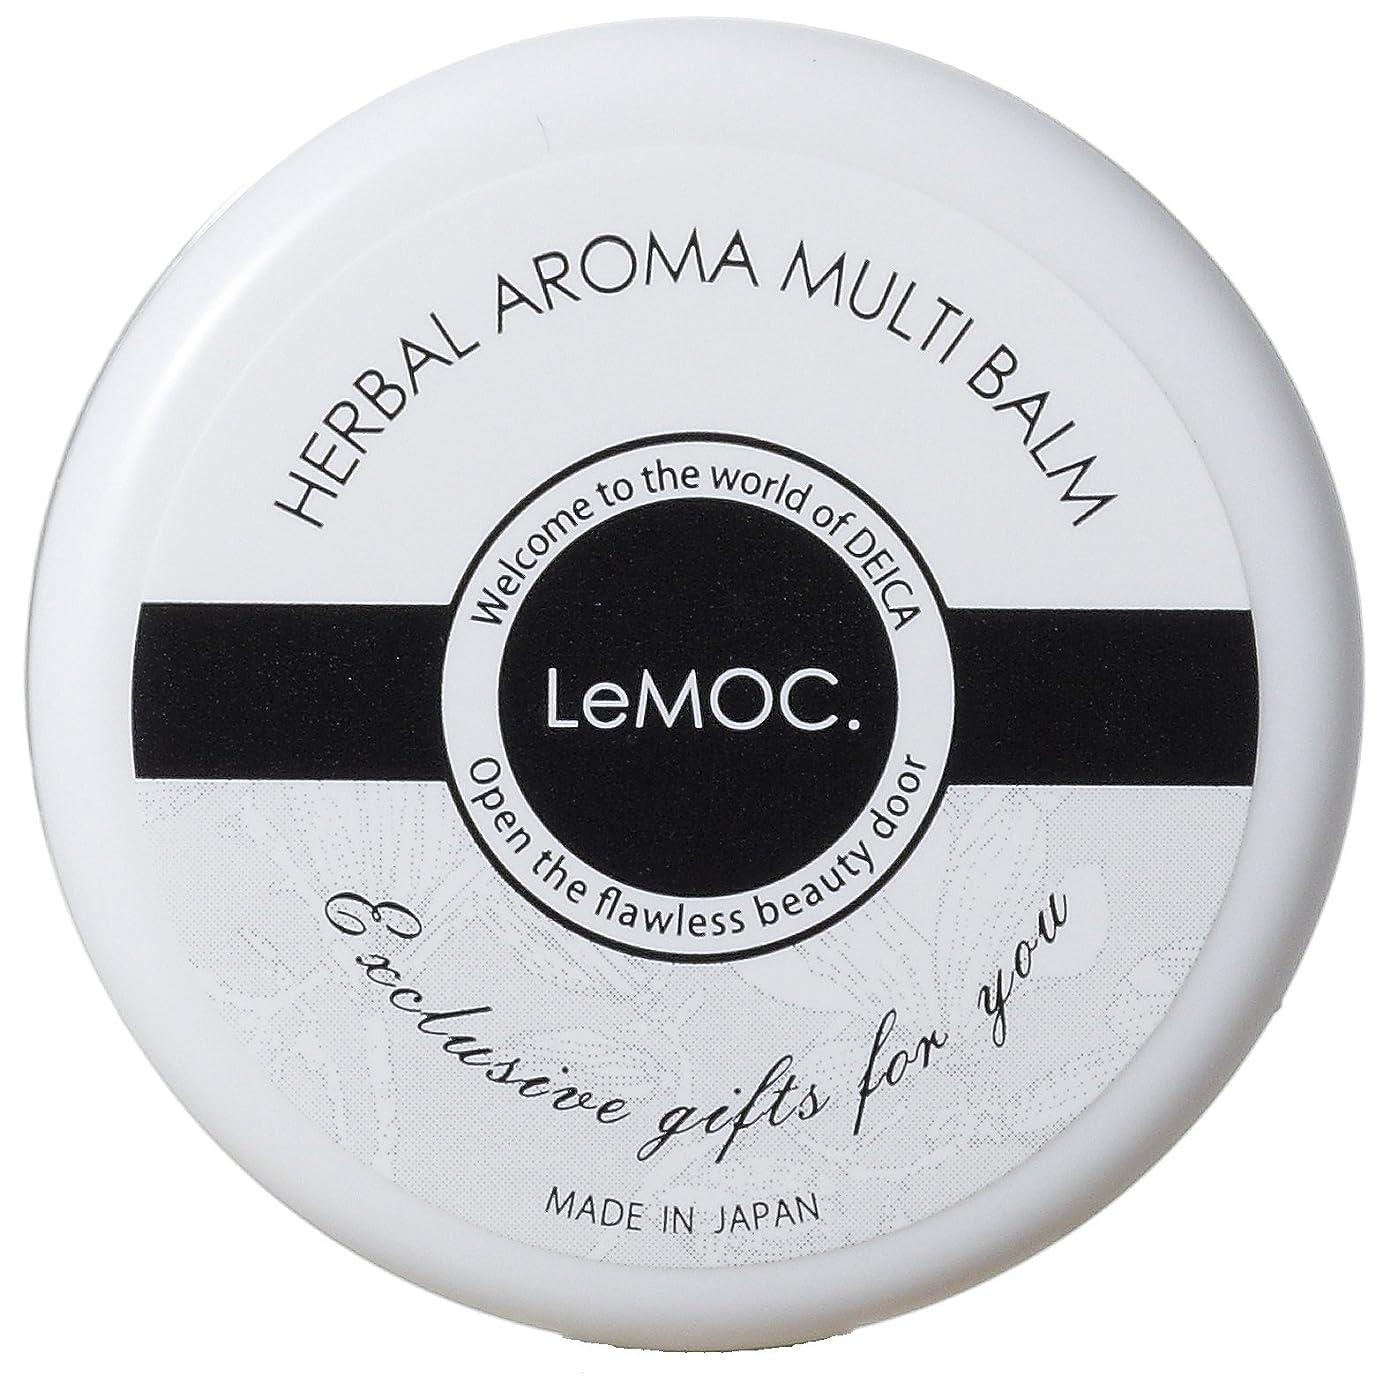 ハグエキス石膏ルモック.(LeMOC.) ハーバルアロマ マルチバーム 15g(全身用保湿バーム)